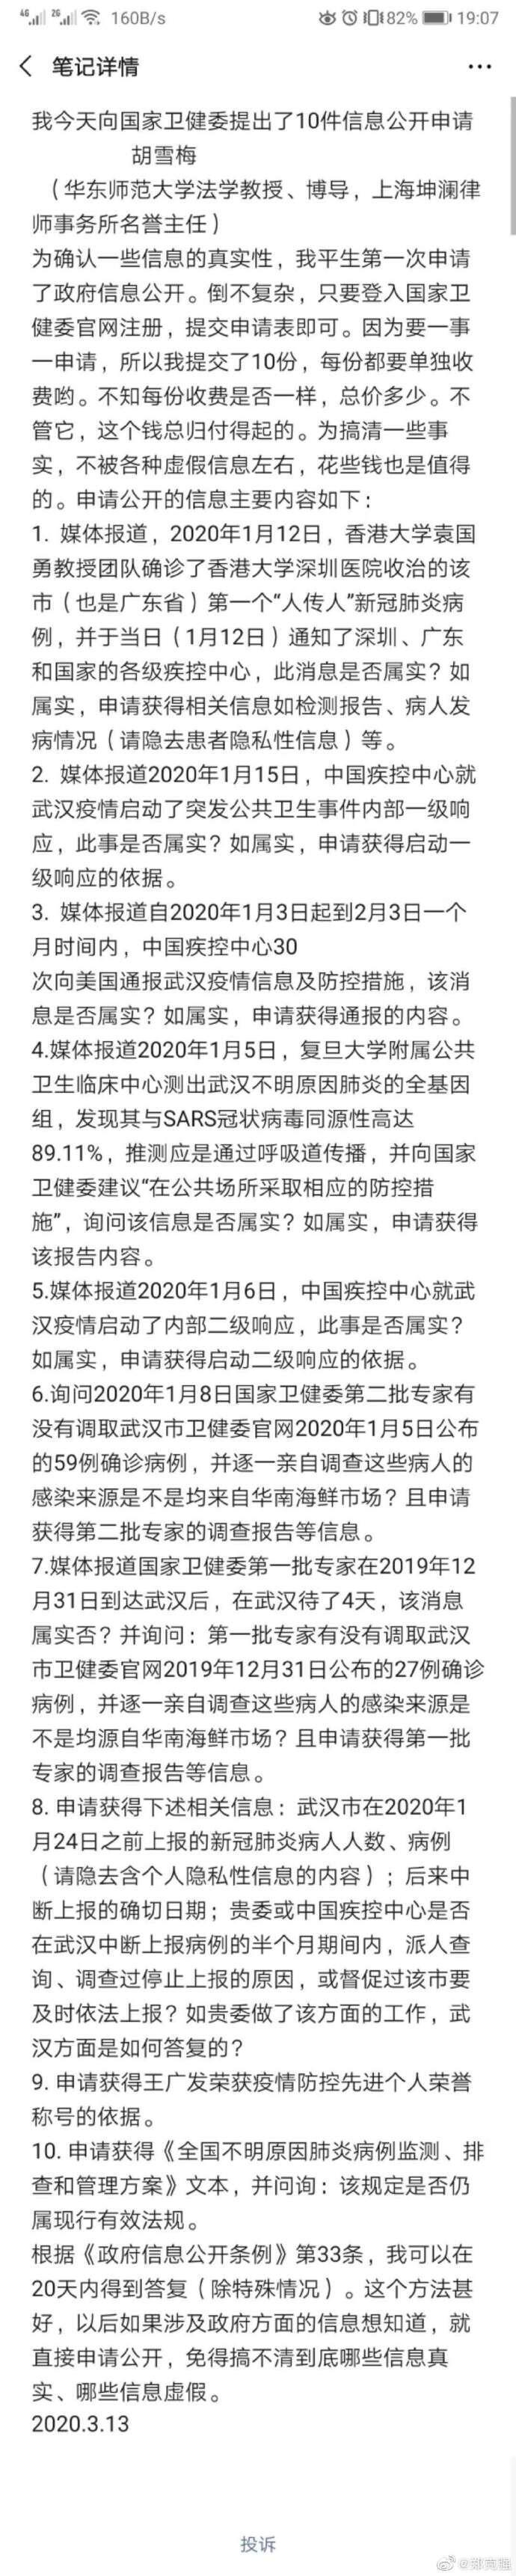 上海华东师大法学院教授提出新冠疫情信息公开申请 2020年3月13日